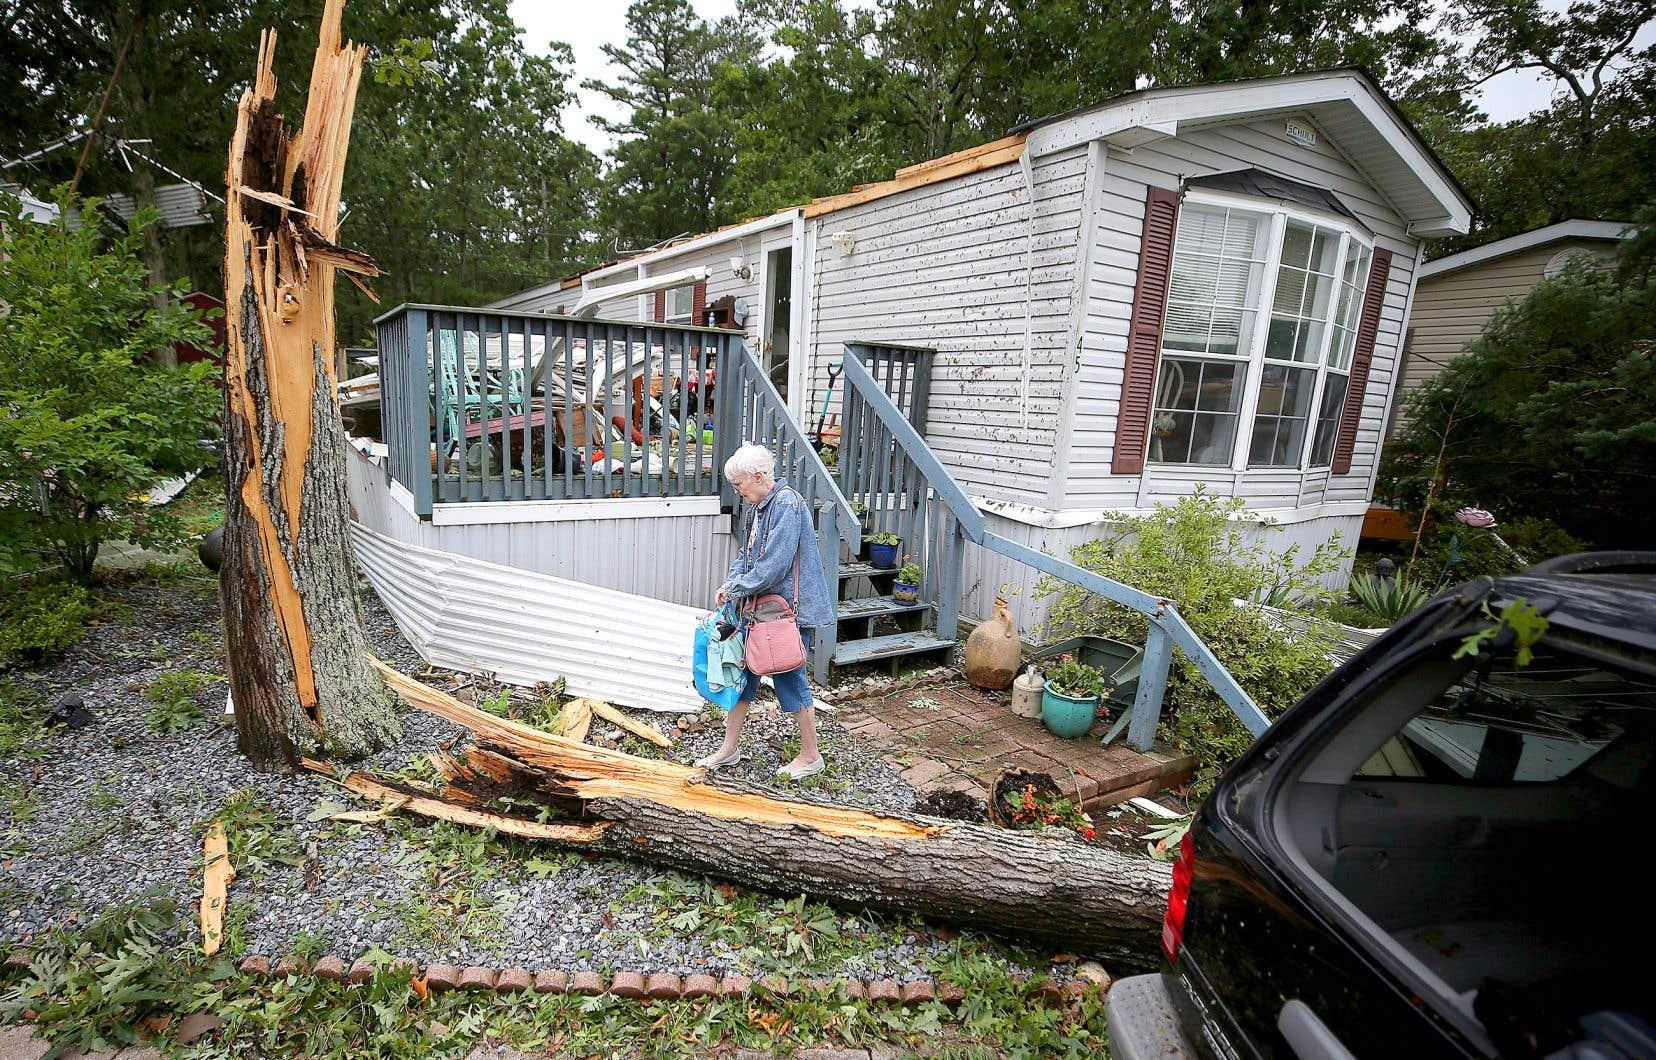 Cette maison mobile, dans le New Jersey, a été lourdement endommagée par le passage d'«Isaias» mardi.